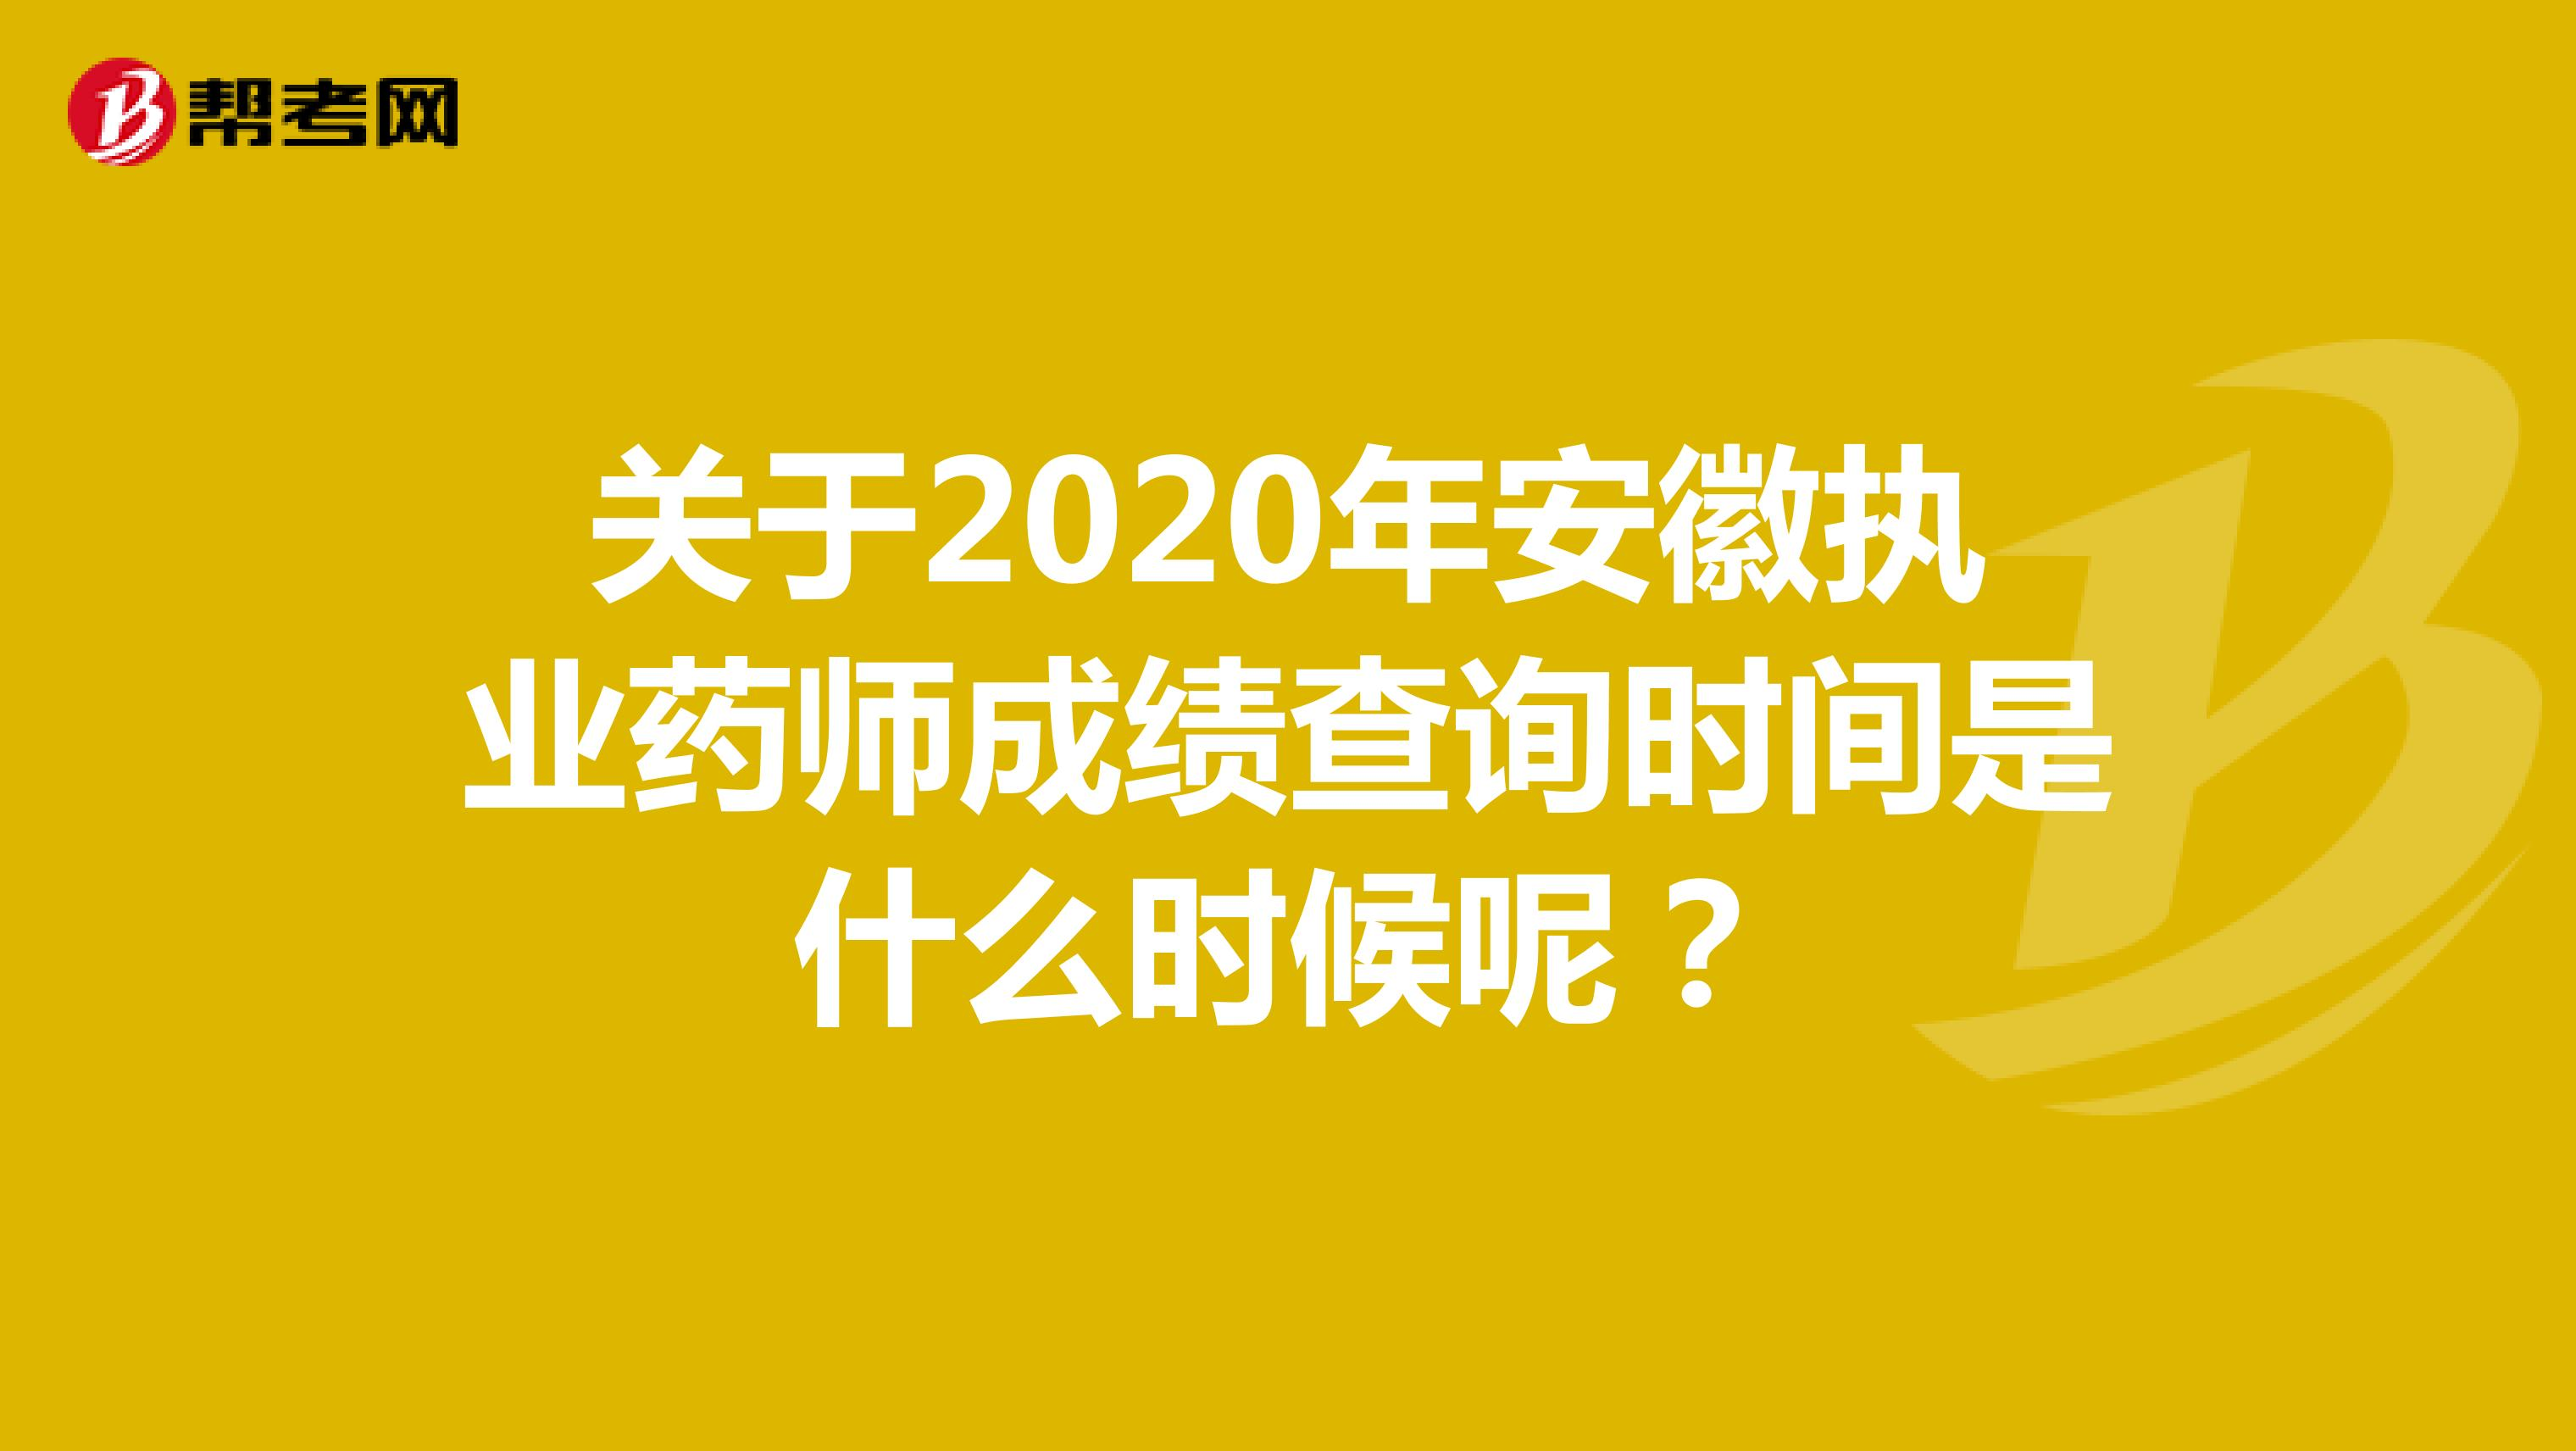 关于2020年安徽执业药师成绩查询时间是什么时候呢?